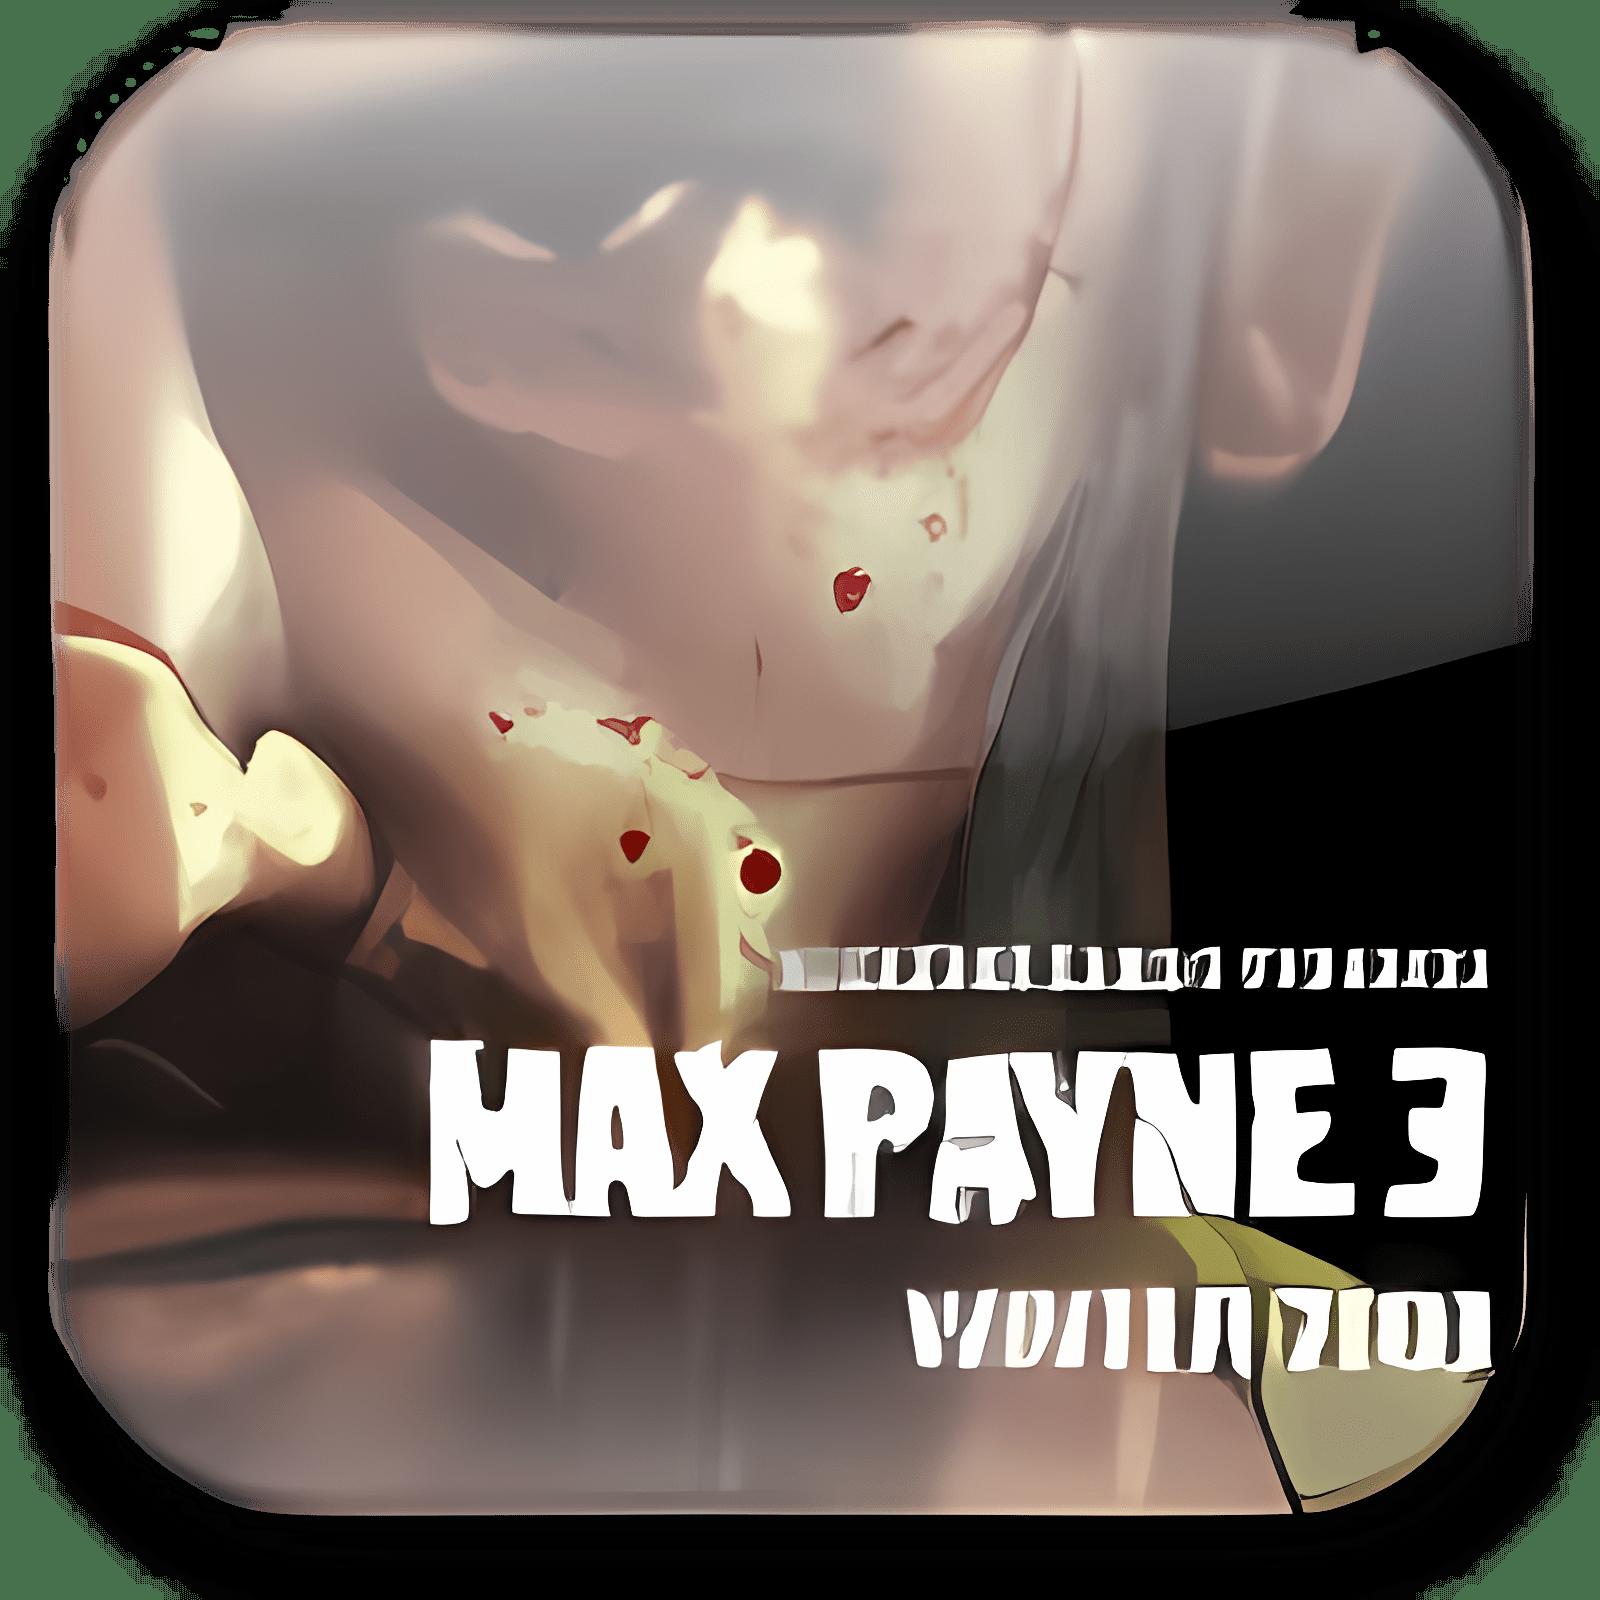 Max Payne 3 - Fond d'écran